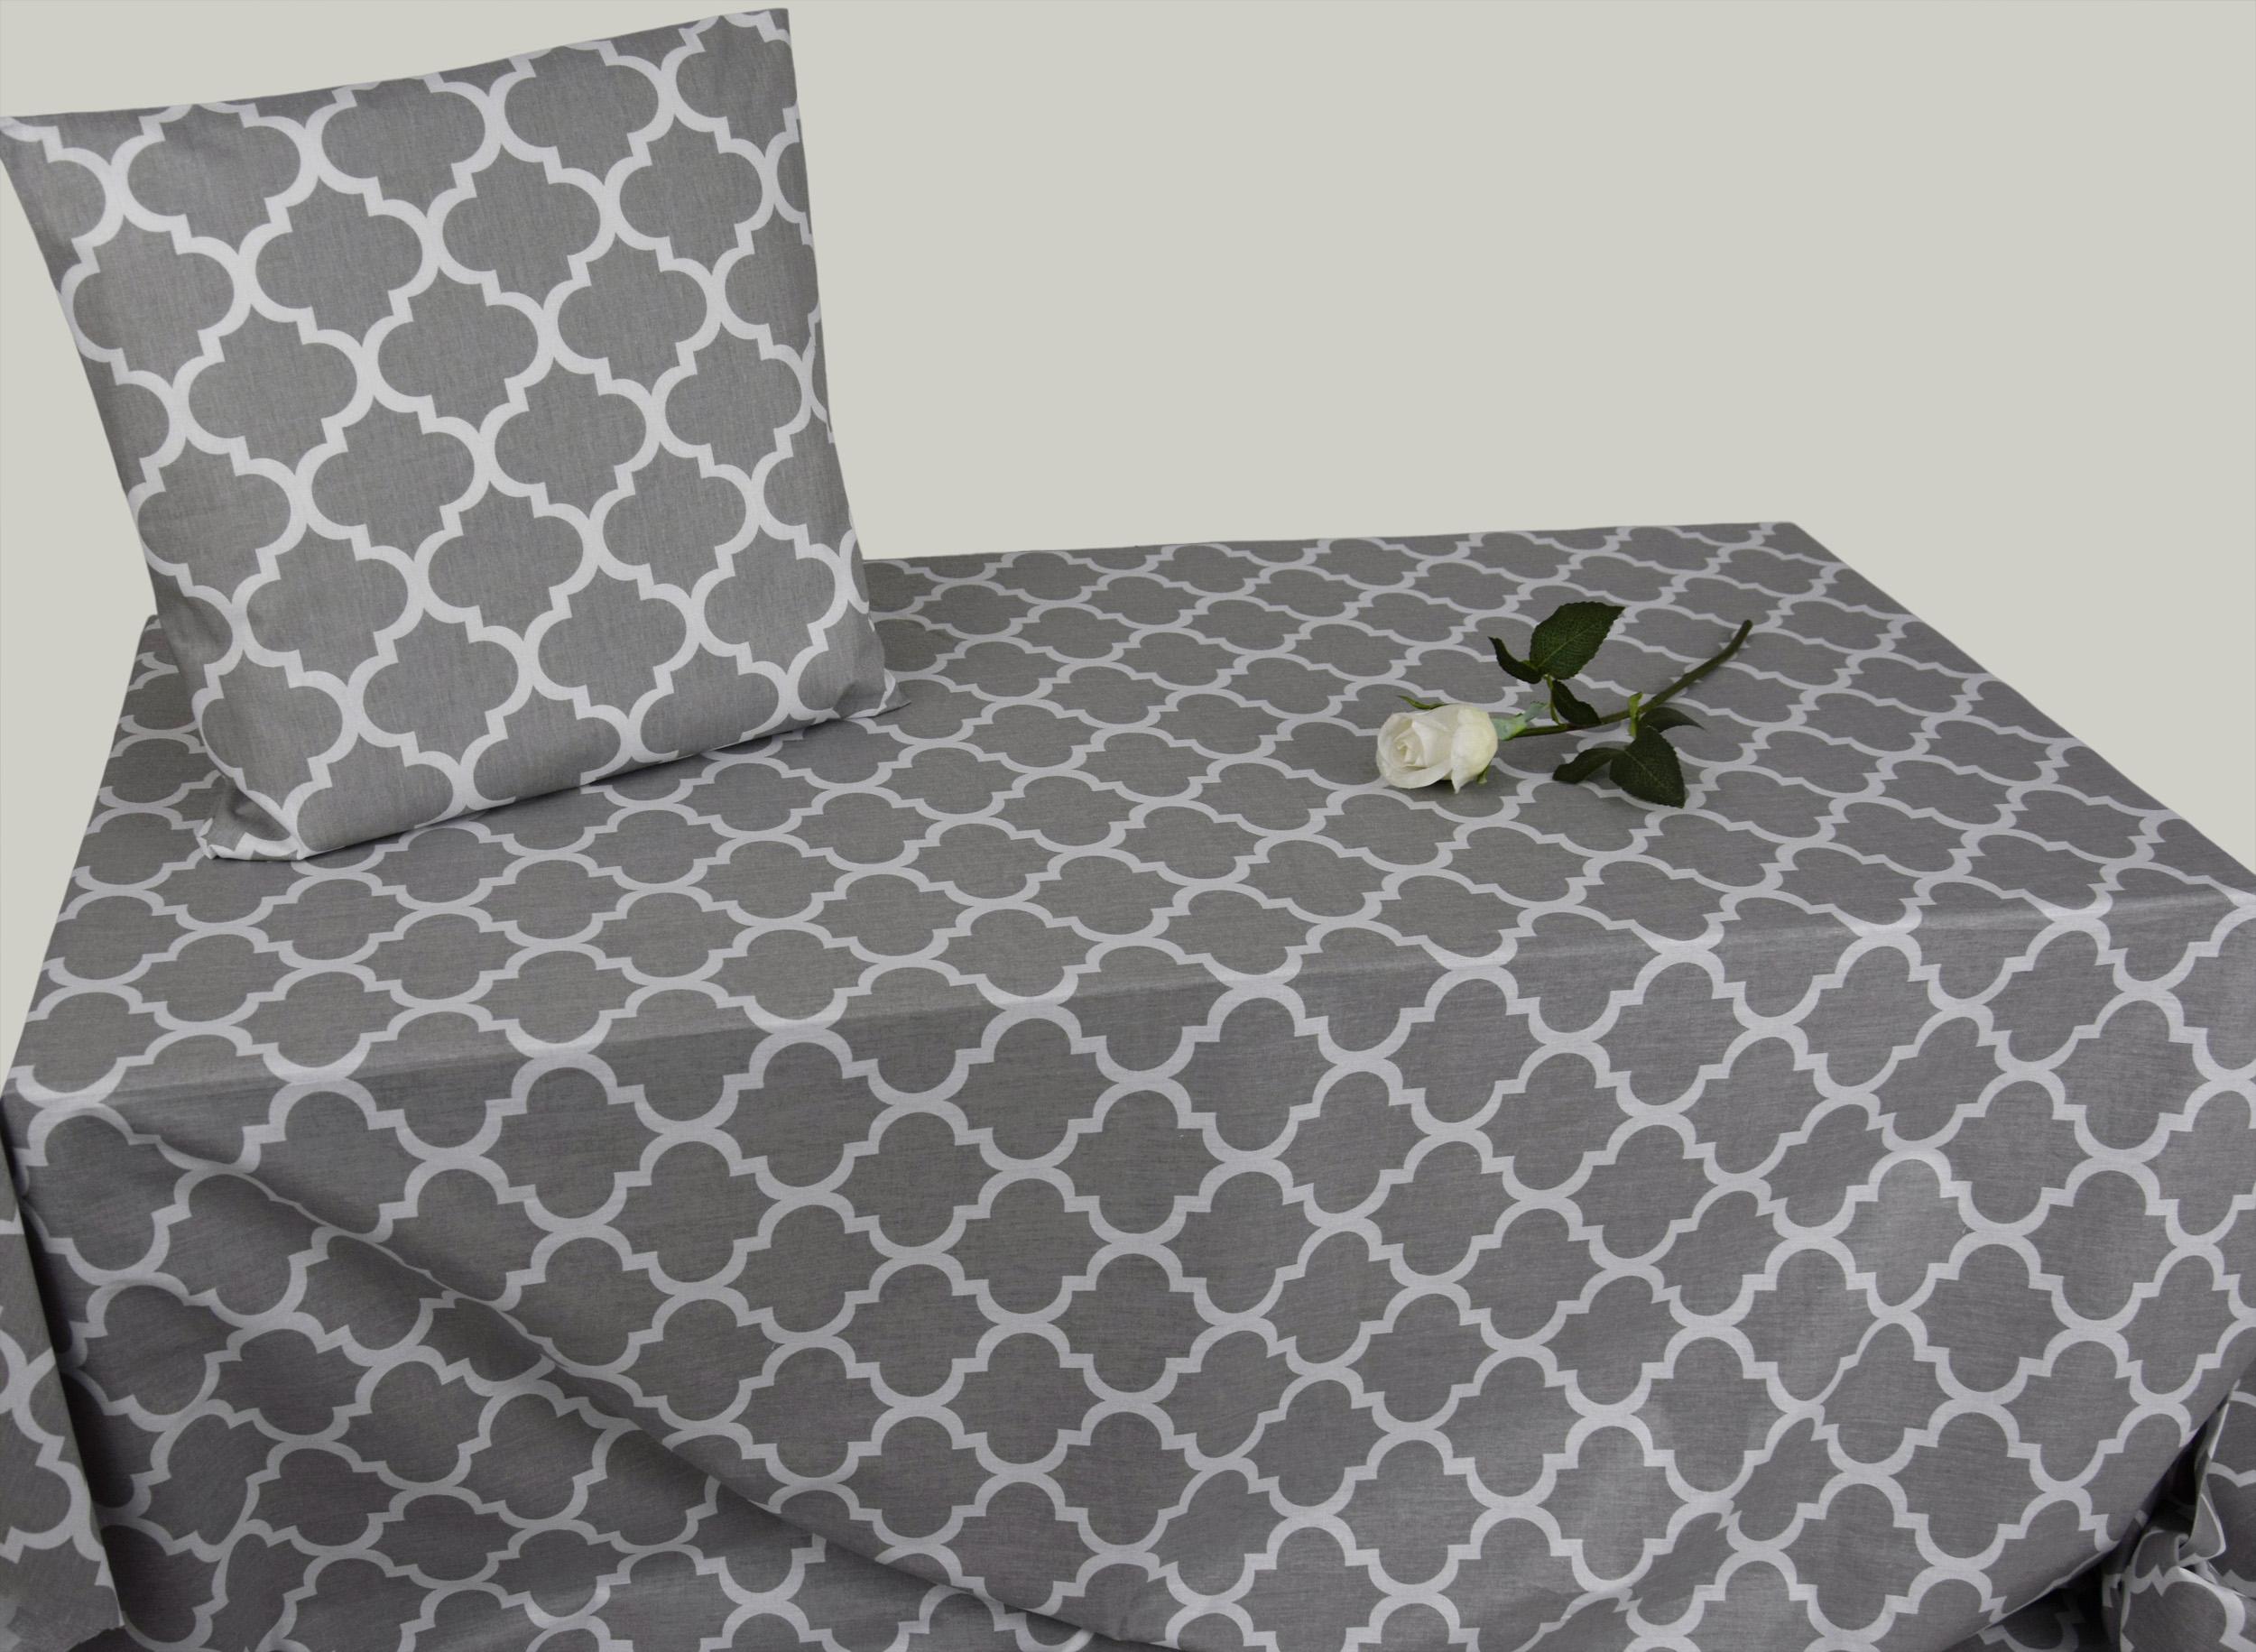 5 90 m 50cm stoff baumwolle dekostoff orient geometrische muster grau ebay. Black Bedroom Furniture Sets. Home Design Ideas